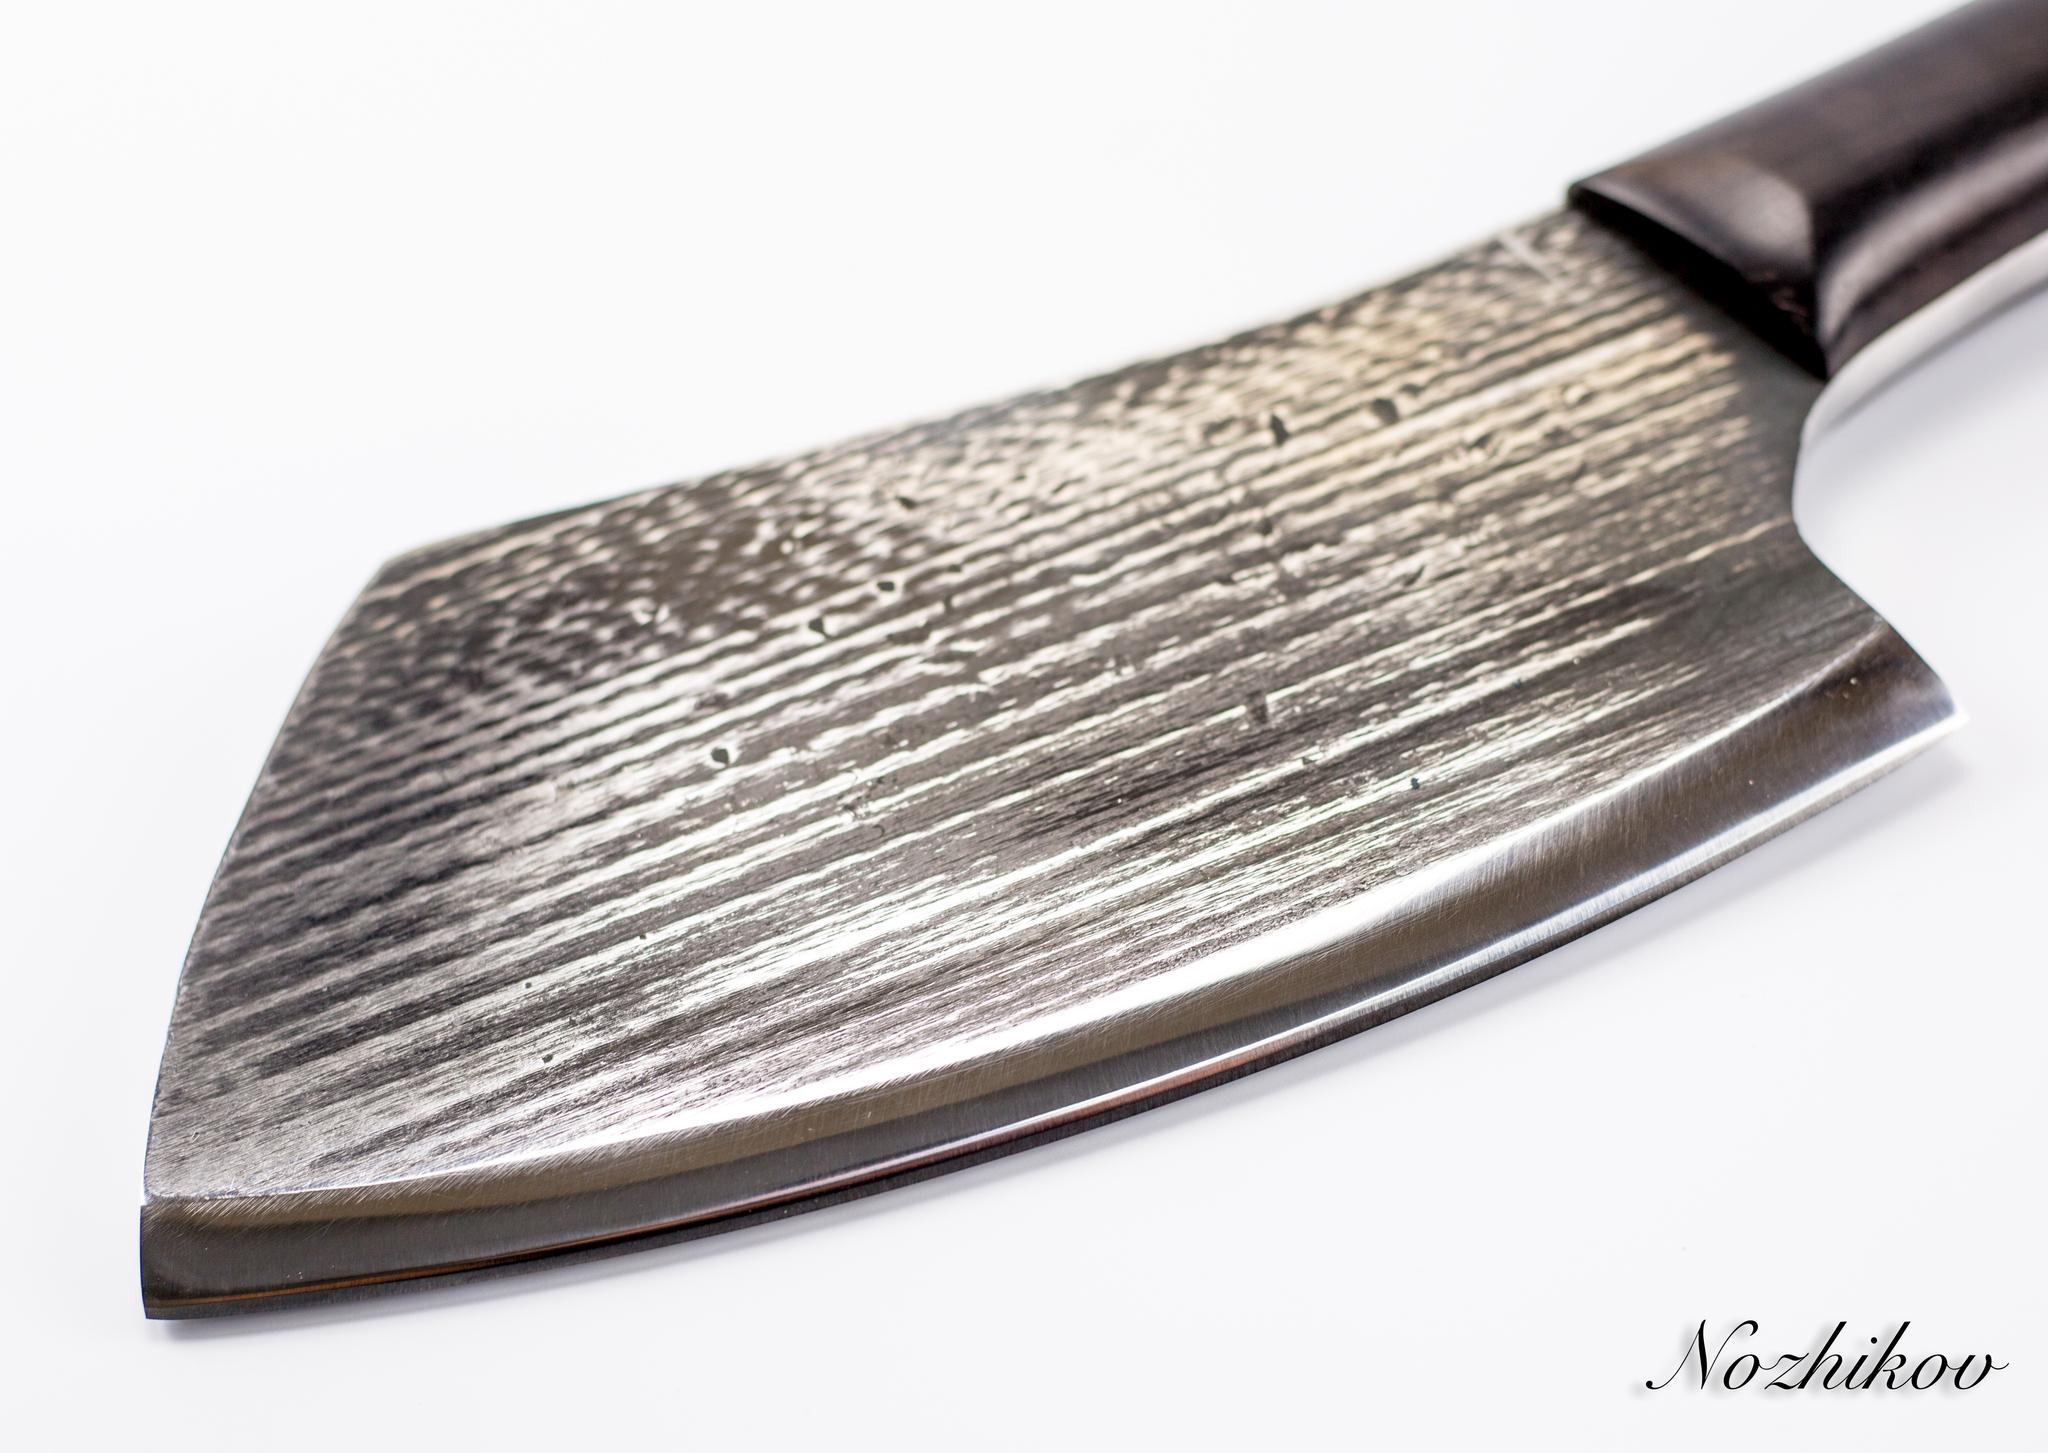 Фото 4 - Тяпка для мяса №8, сталь У8 от Мастерская Климентьева